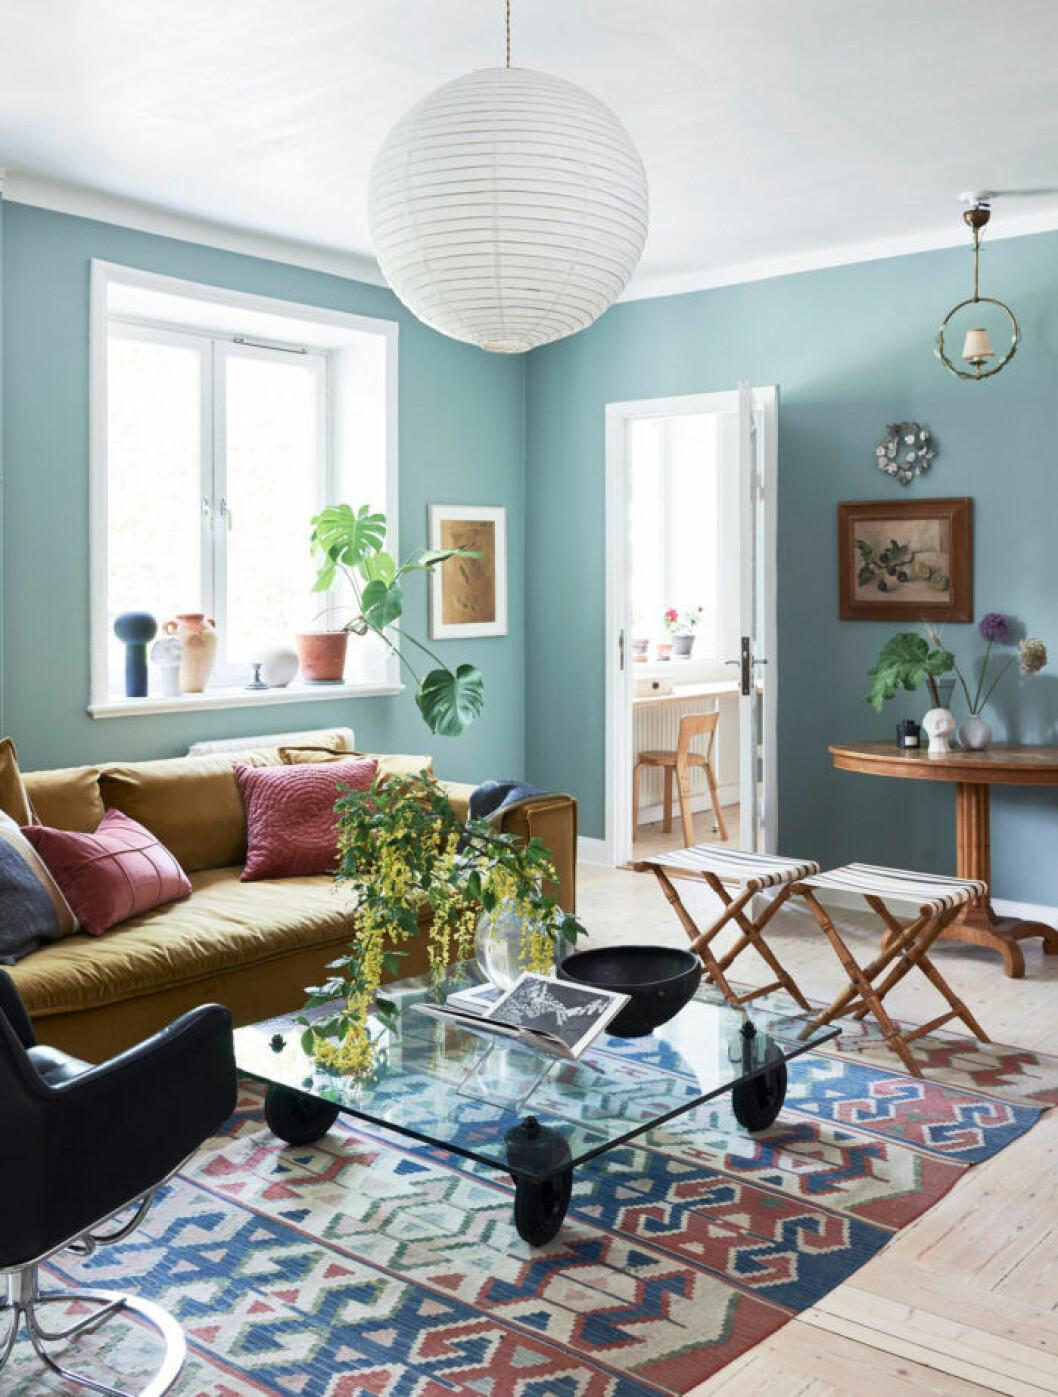 Vardagsrummet går i ljusblåa toner med detaljer i brunt, rosa och trä